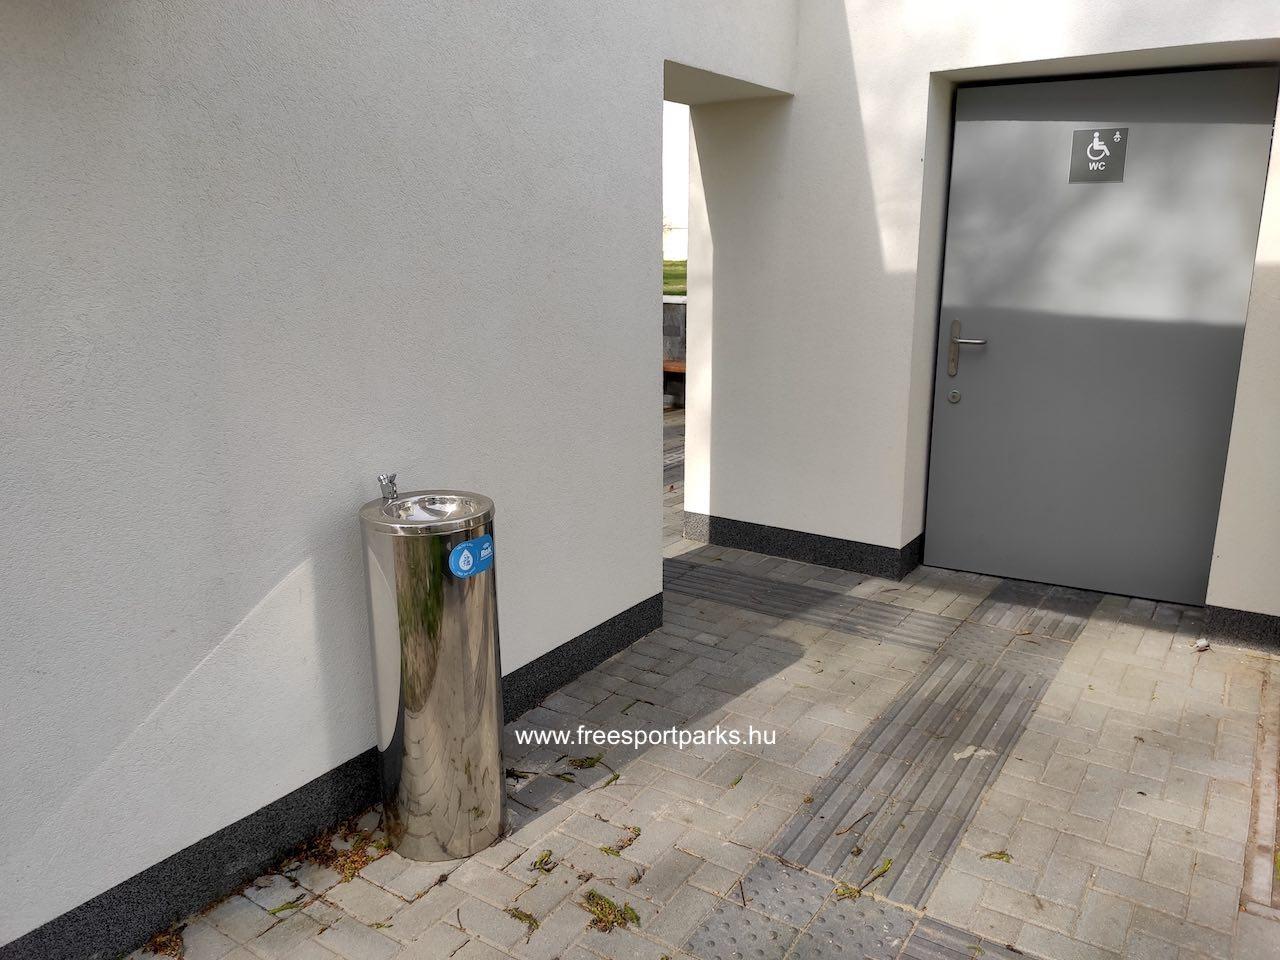 ivókút a vizesblokk hátsó oldalán a mozgáskorlátozott toalettnél a Palotavárosi szabadidőparkban